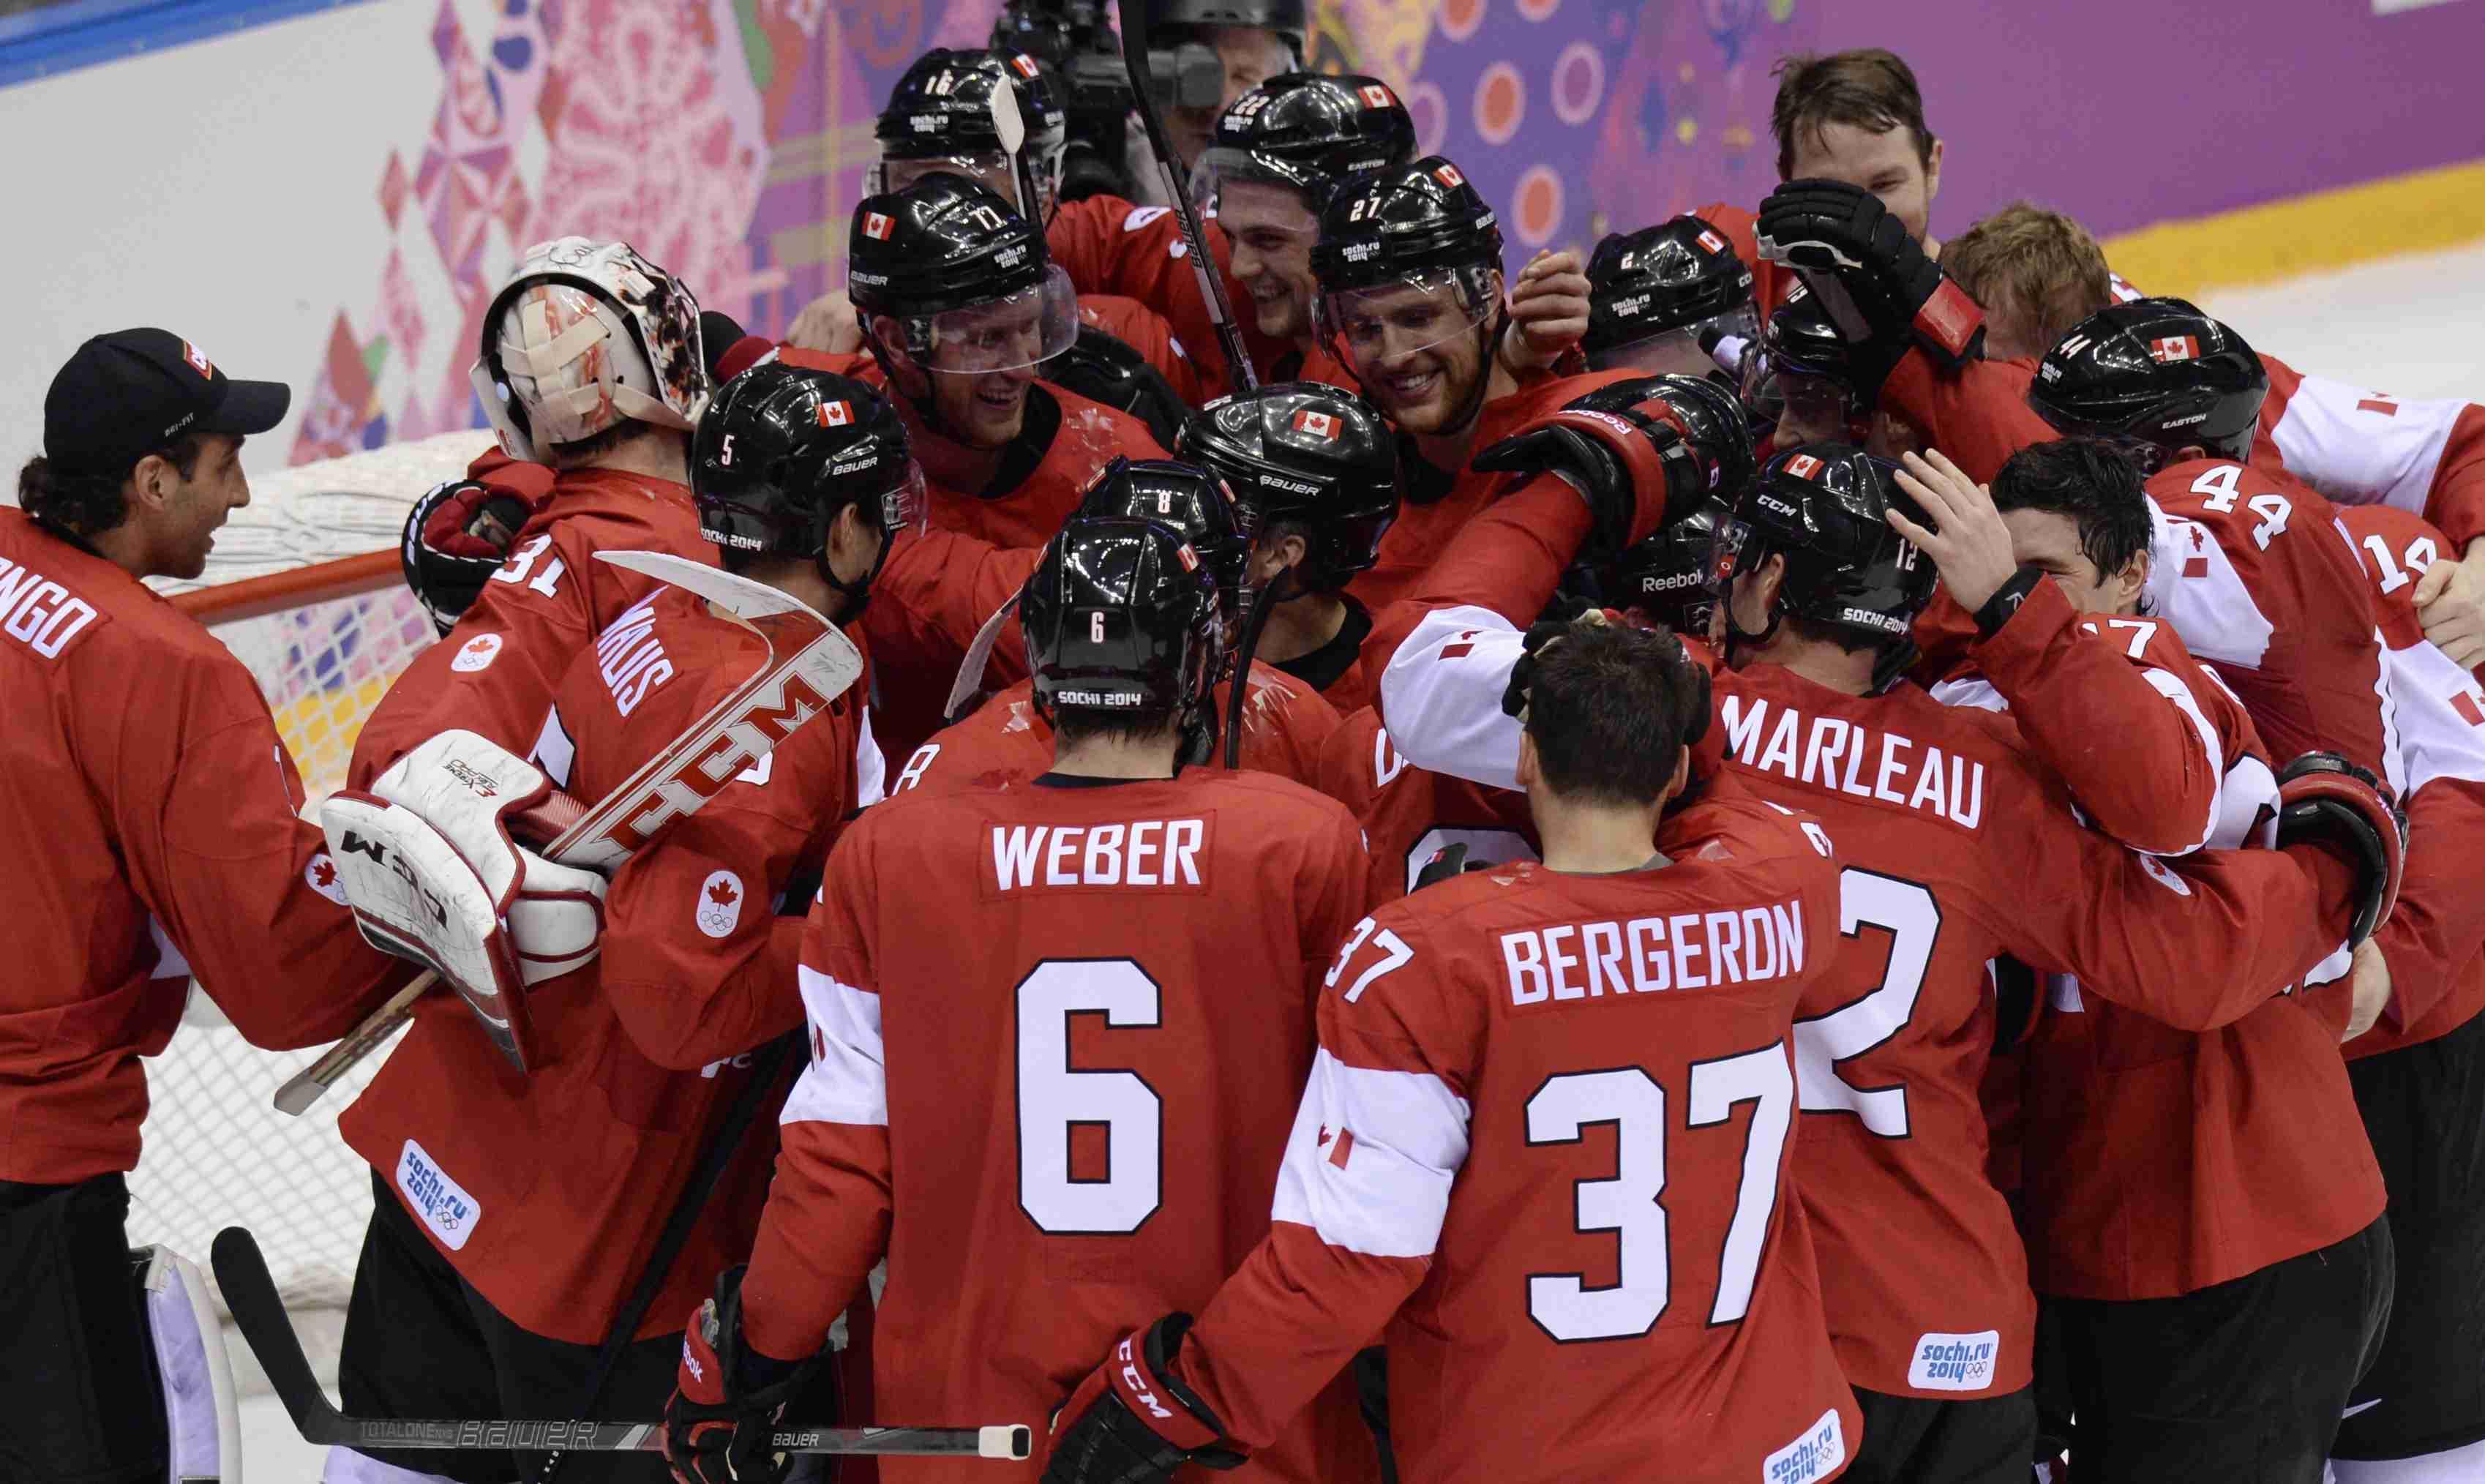 Канада выиграла у Швеции в финале Олимпиады в Сочи